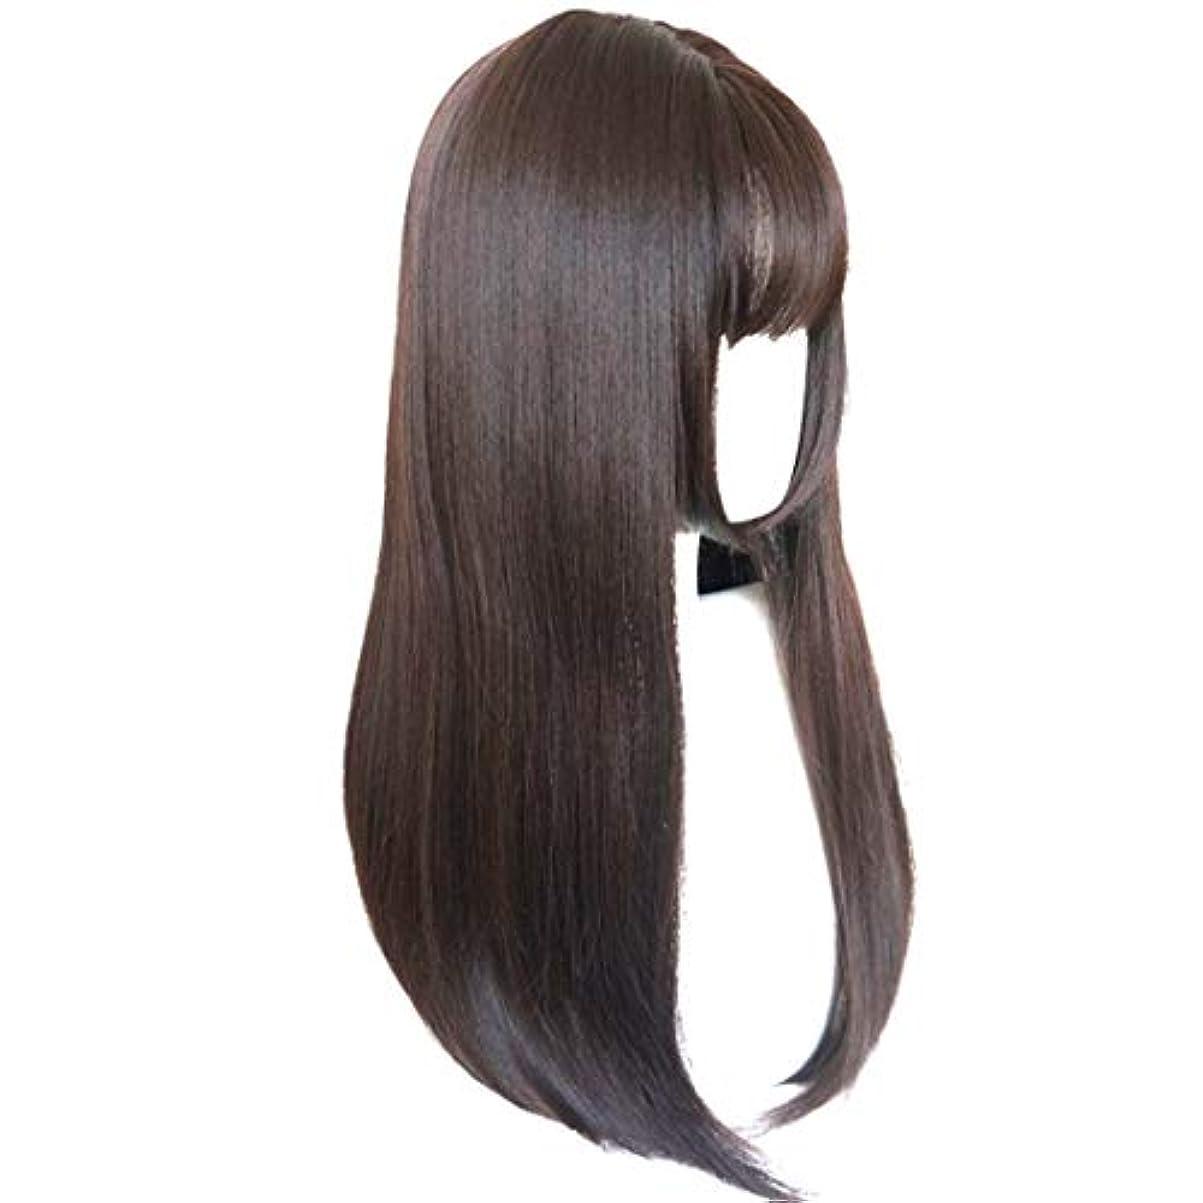 システム錆び開拓者Kerwinner かつら完全なかつら女性のための耐熱性耐熱性でかつらストレートロング人工毛